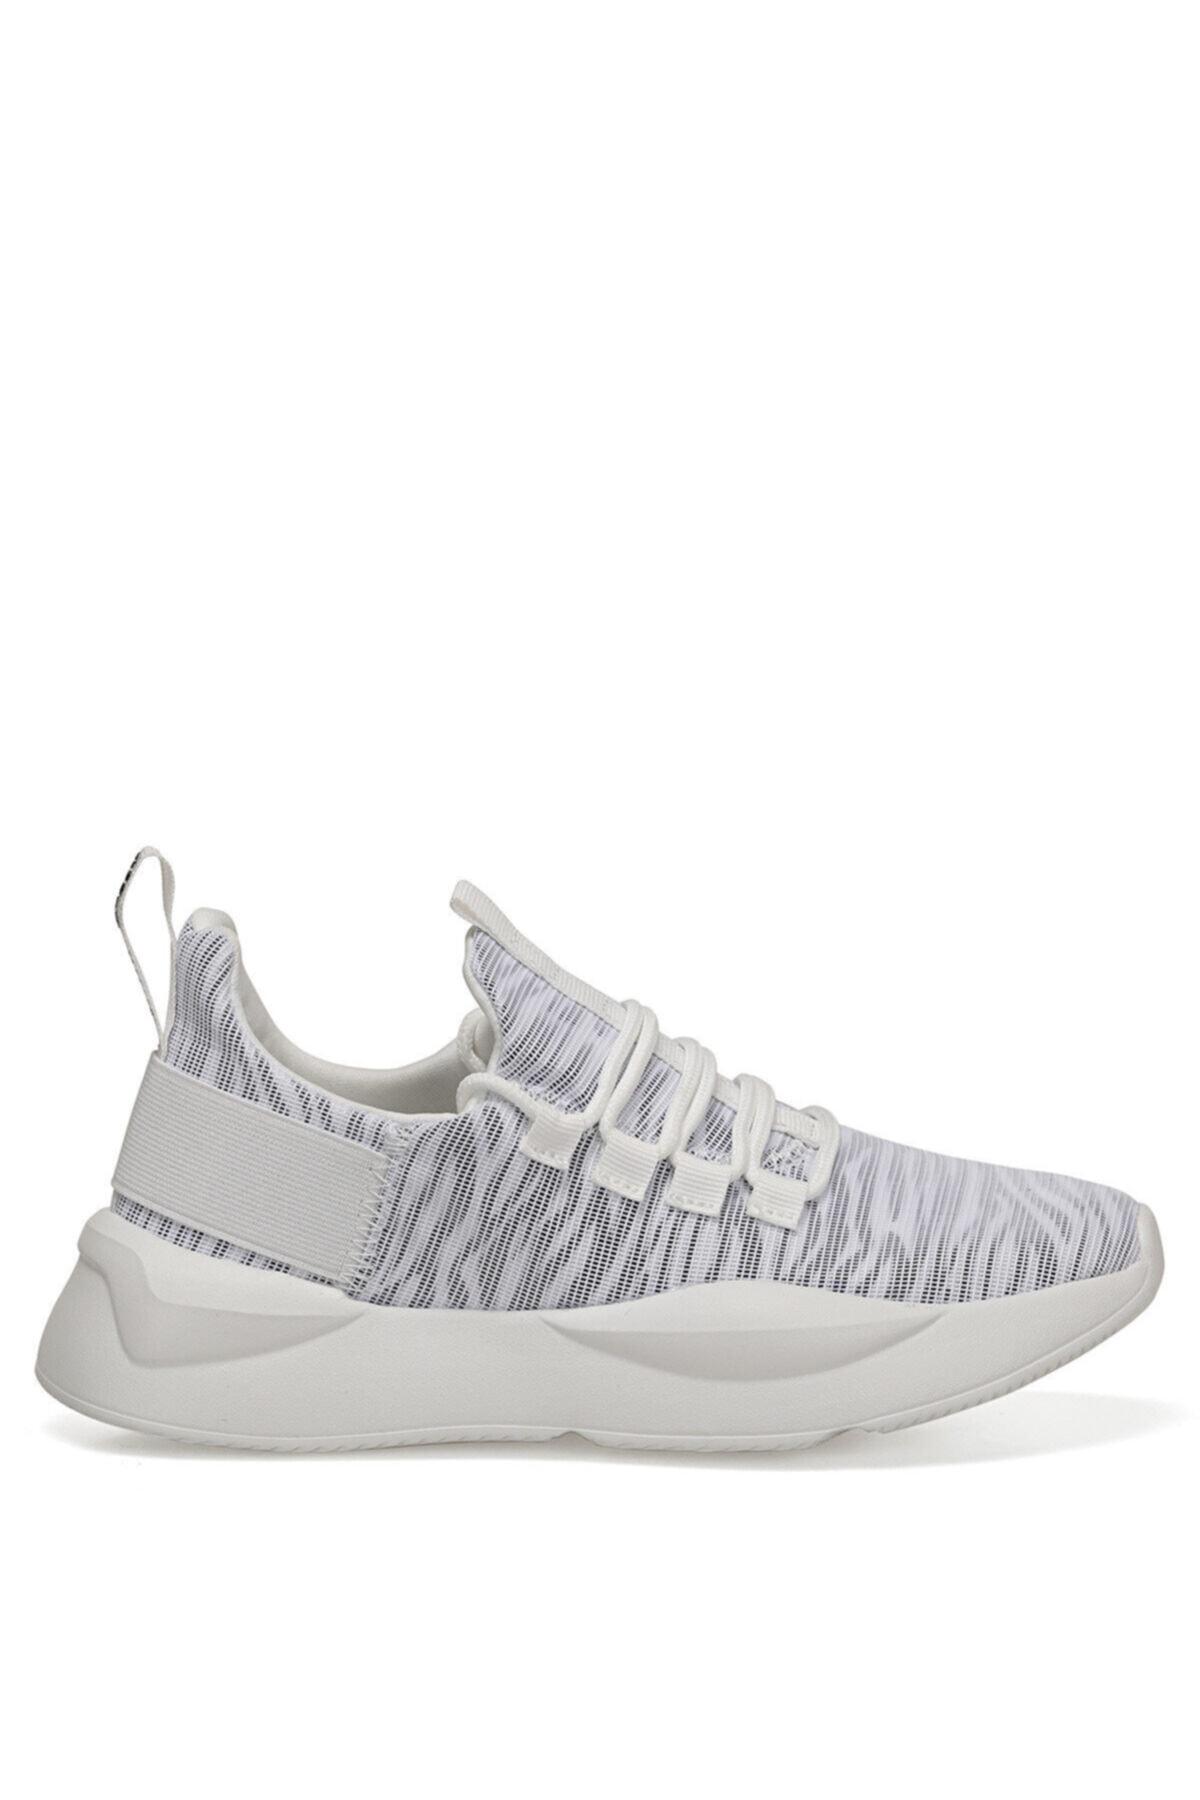 Nine West ROBAL Beyaz Kadın Sneaker Ayakkabı 100524831 1